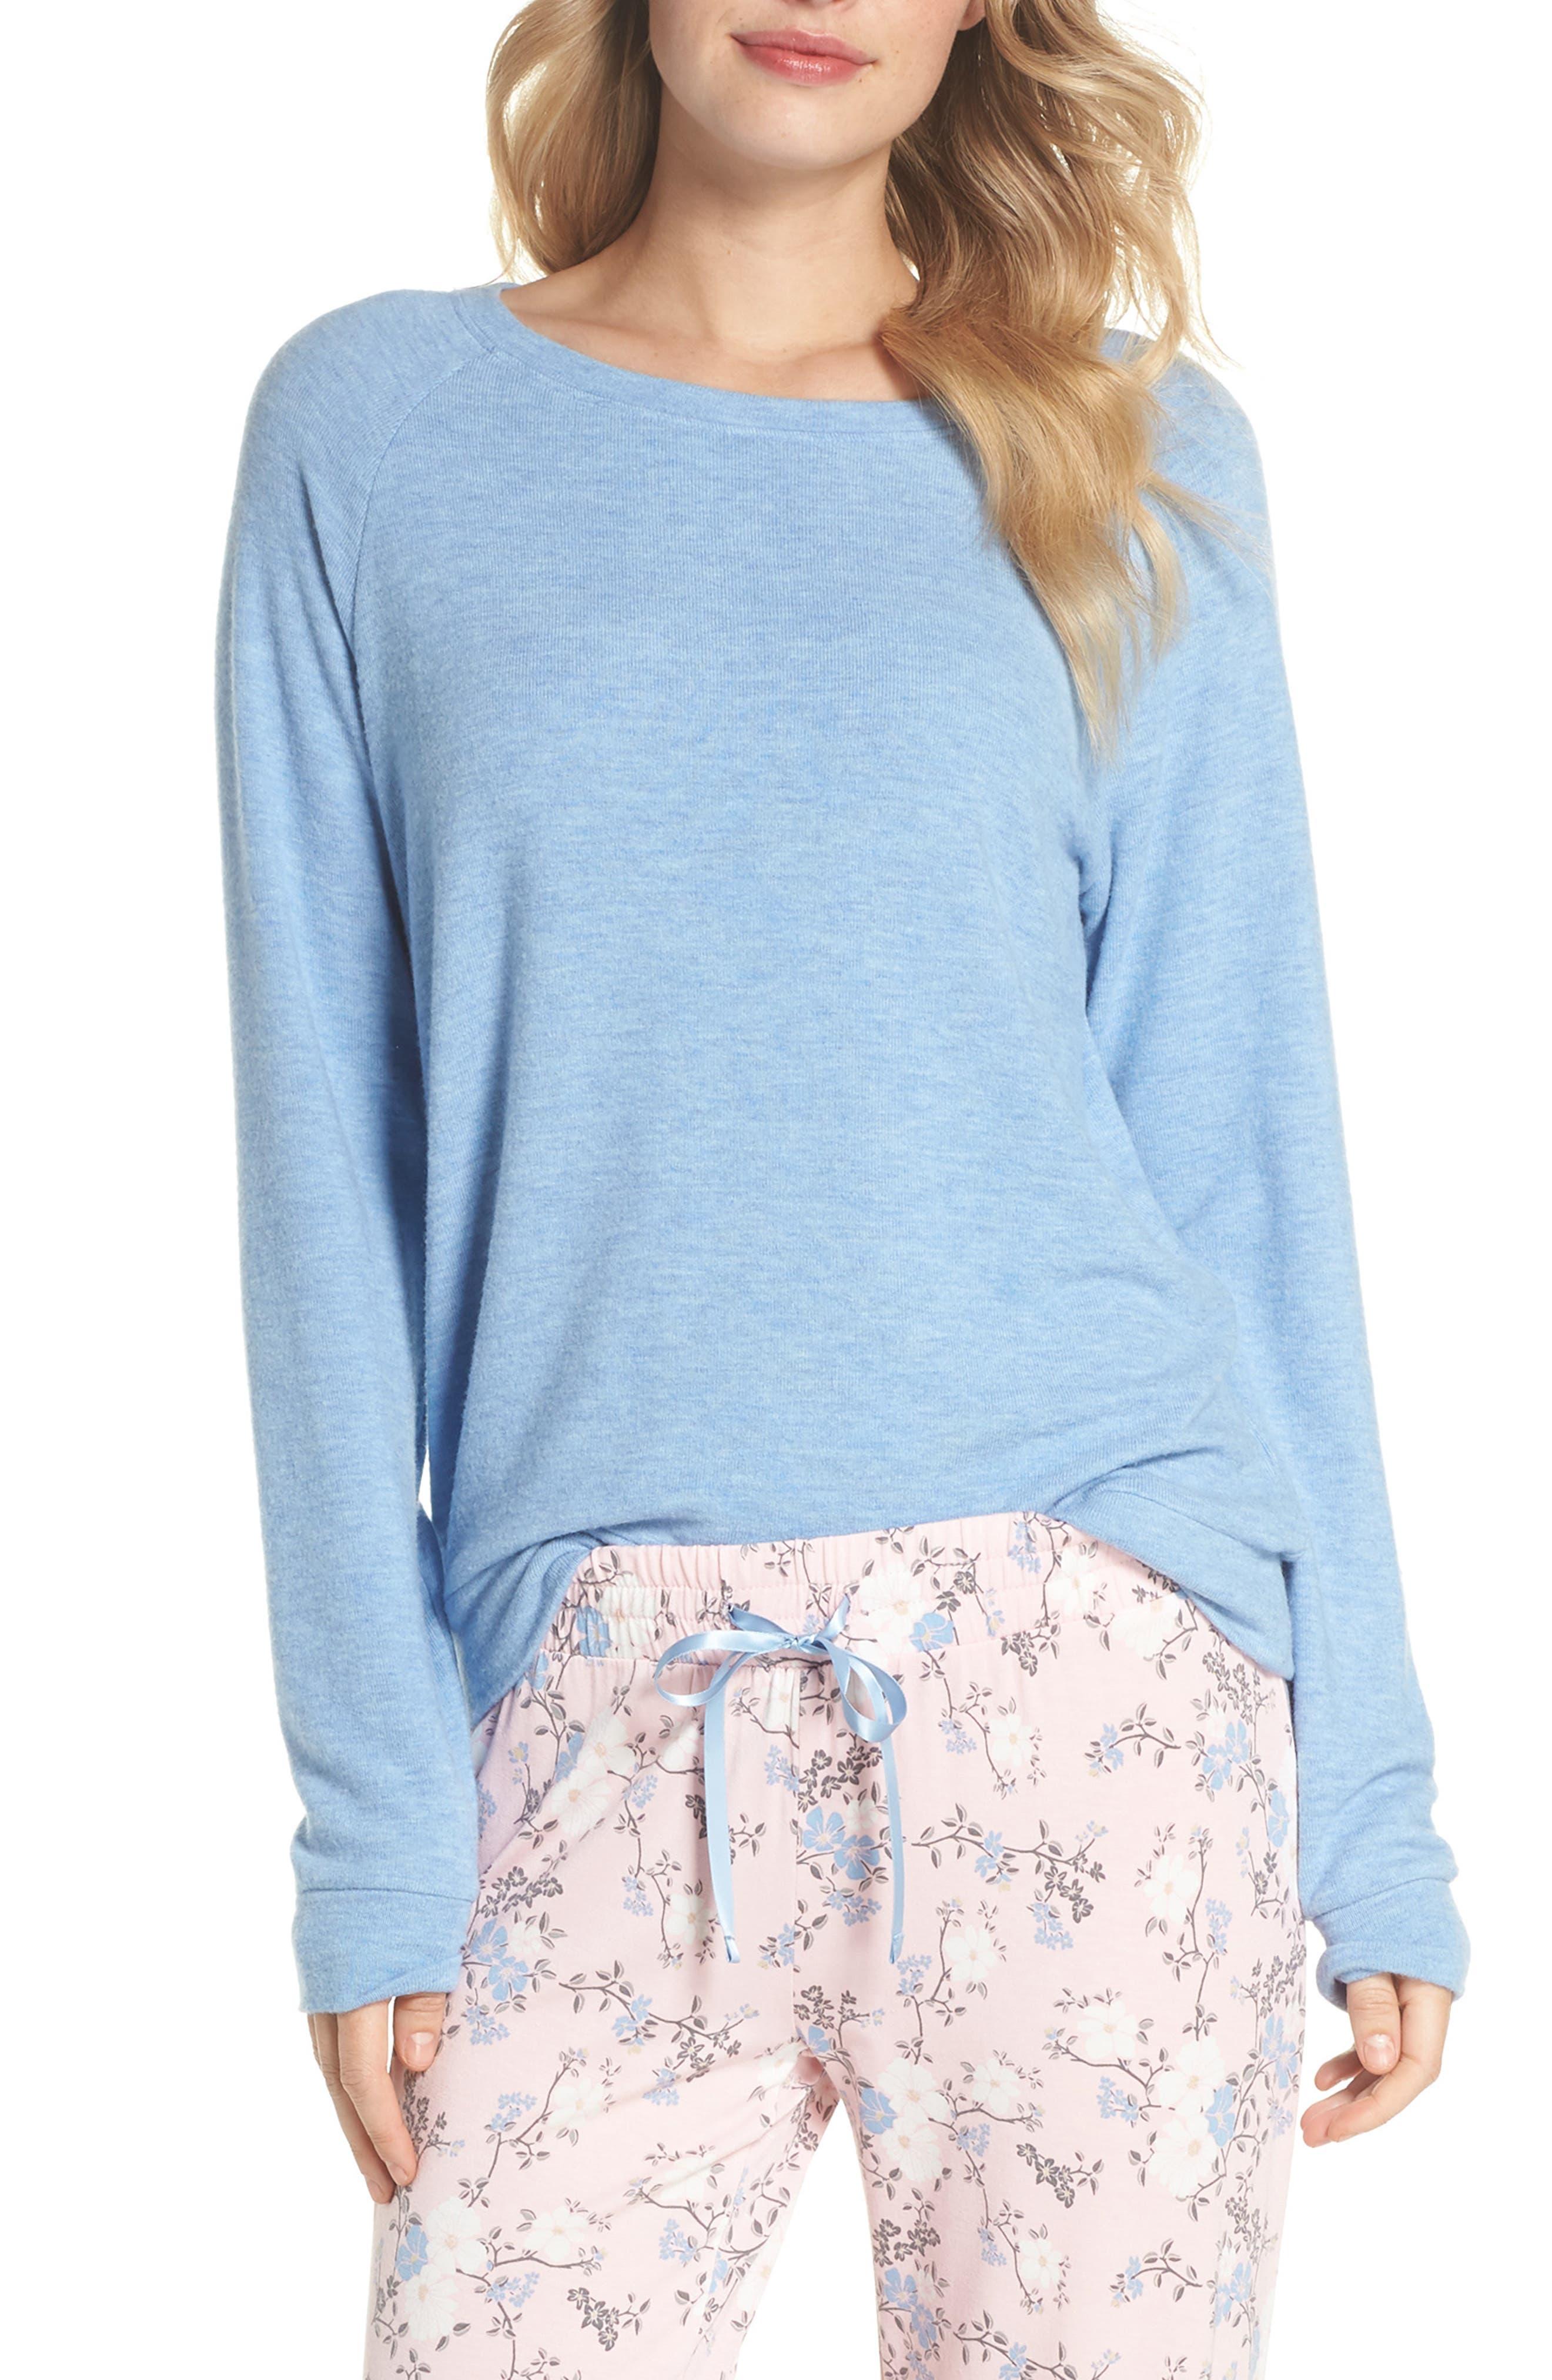 Peachy Pajama Shirt,                             Main thumbnail 1, color,                             Blue